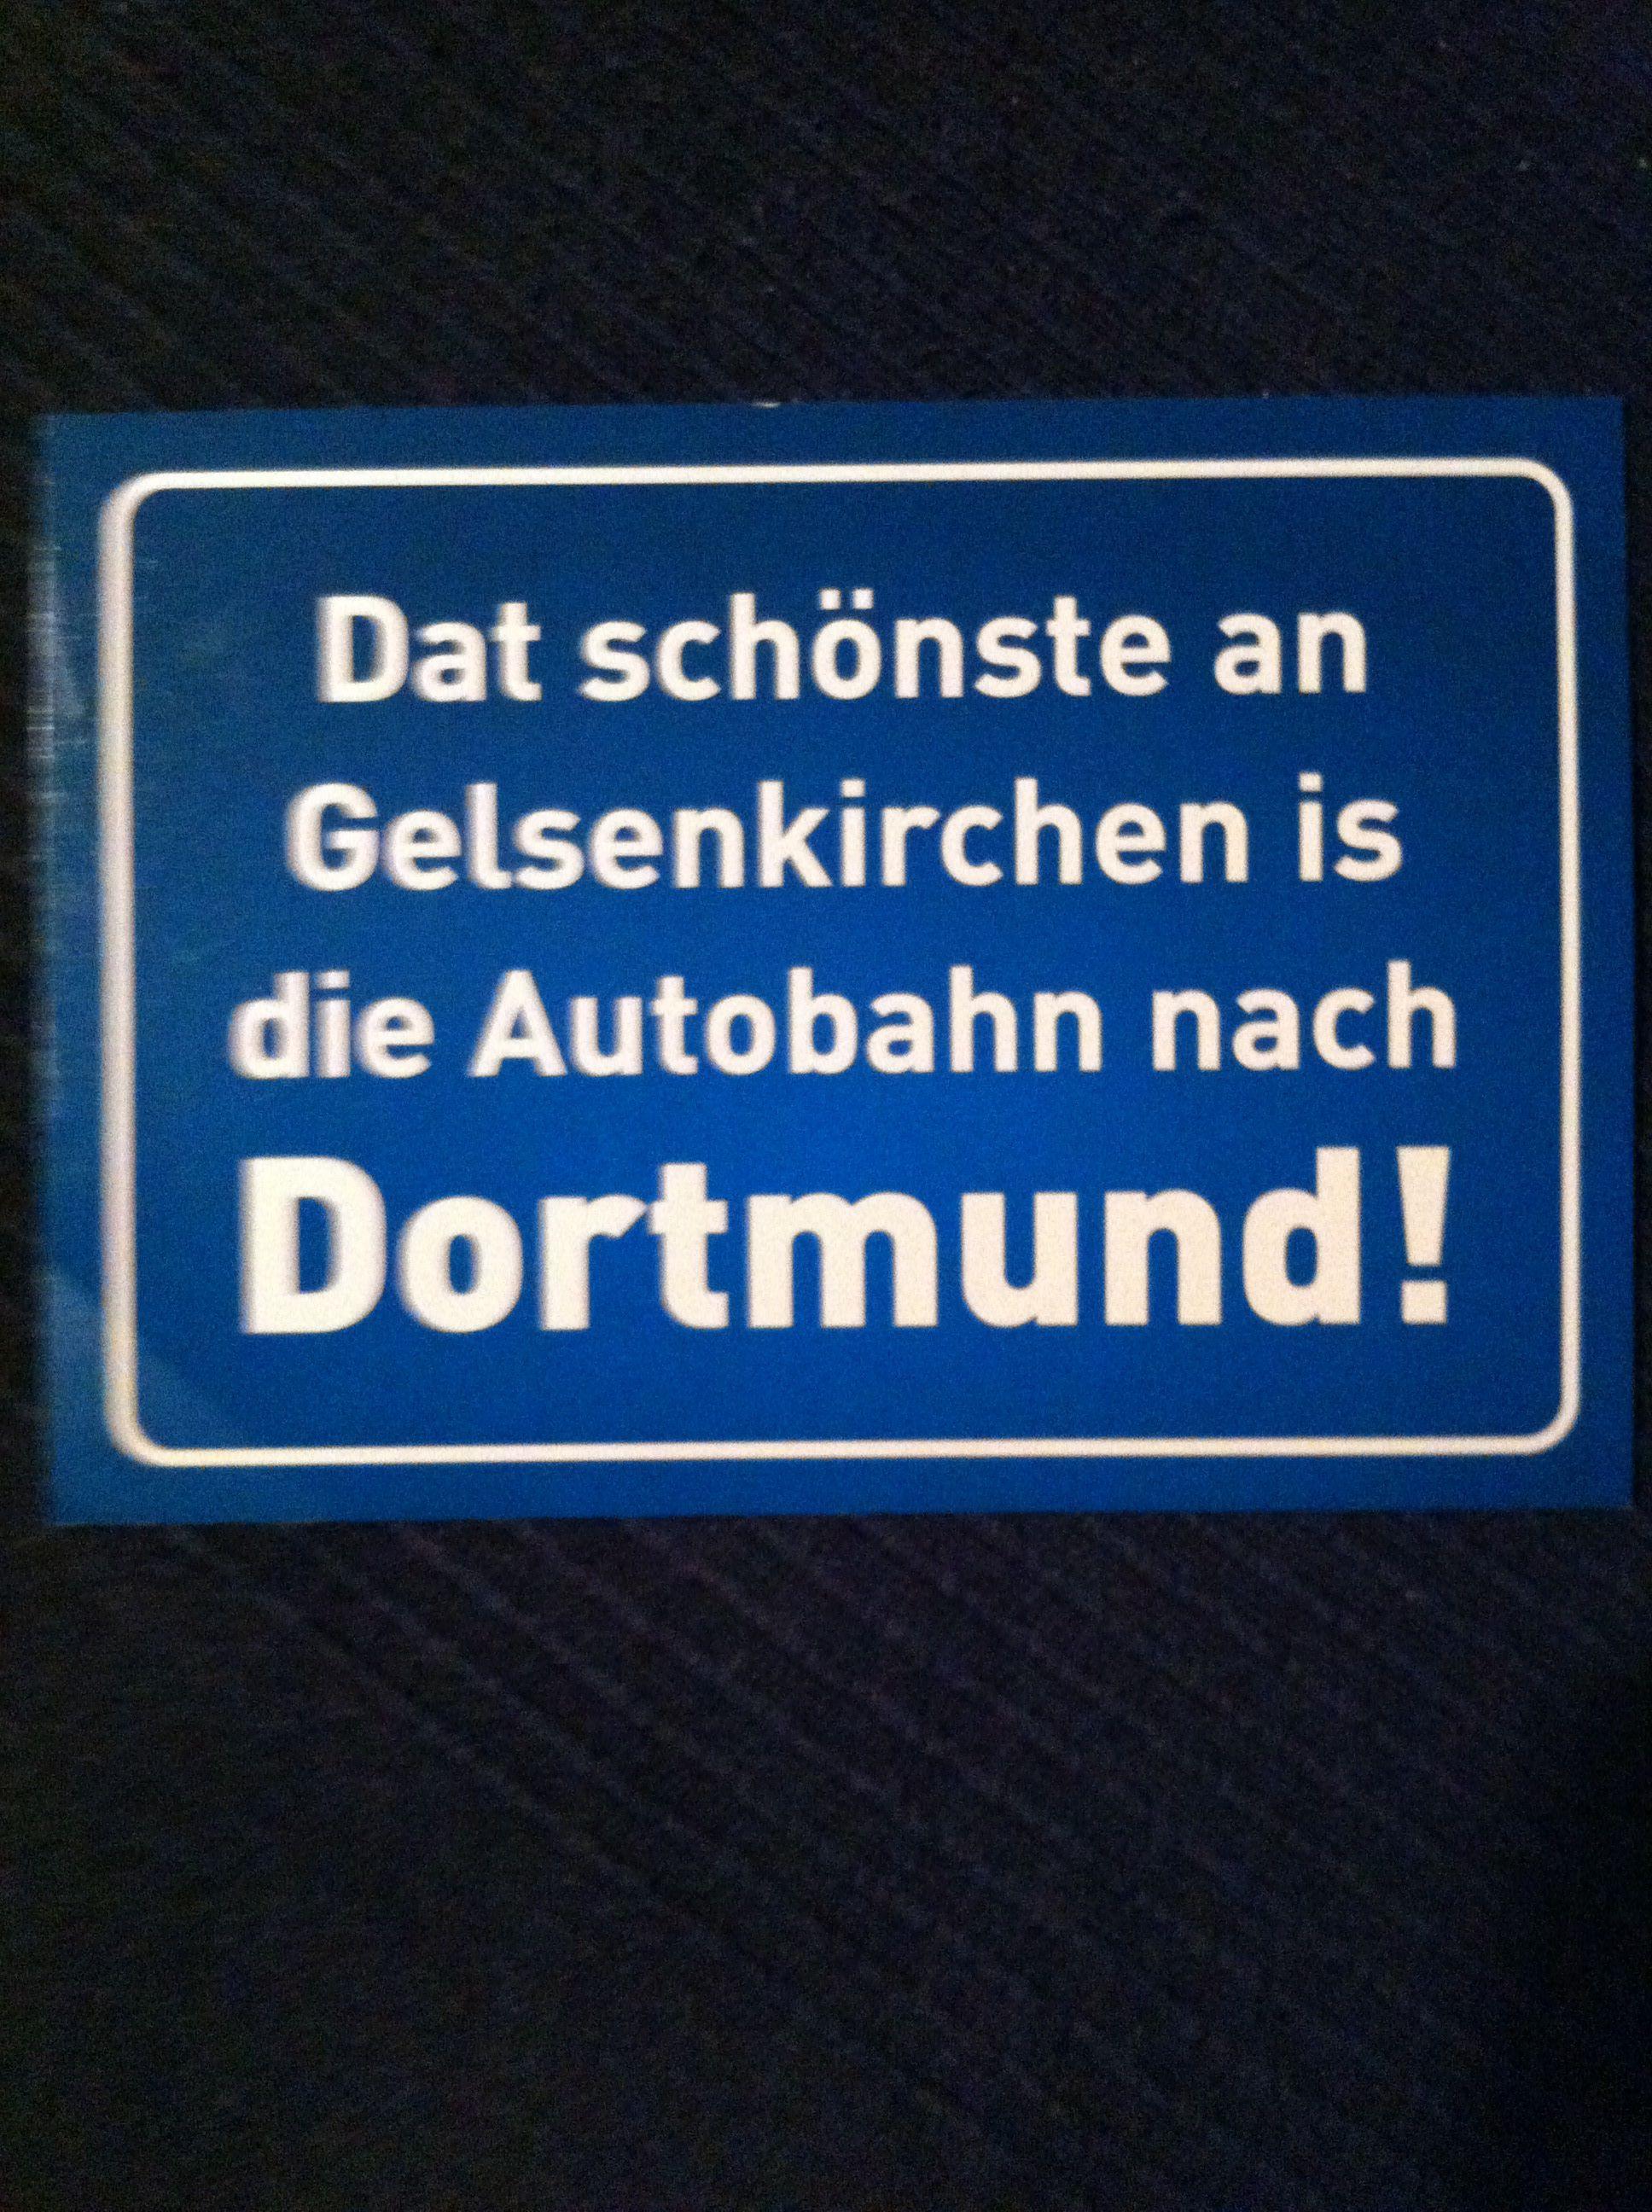 Pin Von Kirsten Pier Auf Bvb Bvb Bvb Dortmund Bvb Borussia